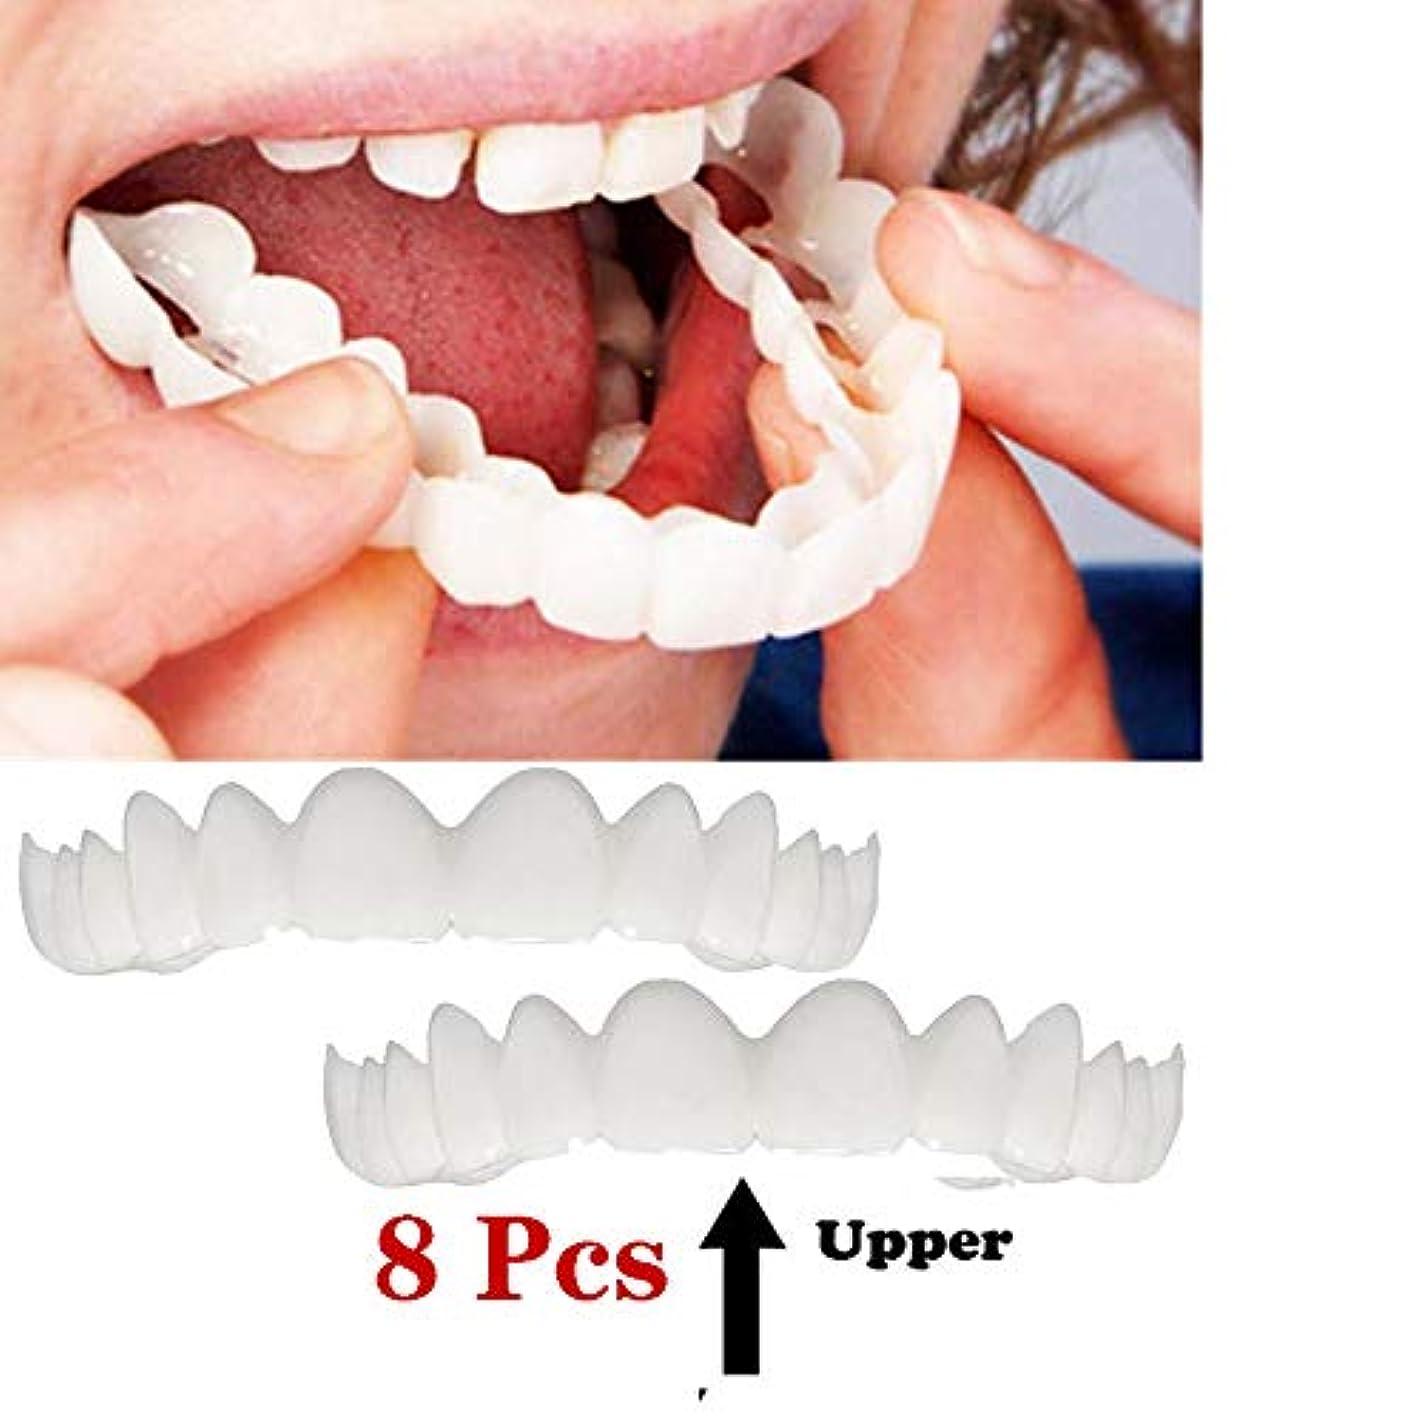 クラブ完全に乾く手当8ピース突き板歯仮化粧品歯義歯歯模擬ブレースアッパーブレースホワイトニング歯スナップキャップインスタント快適なフレックスパーフェクトベニア